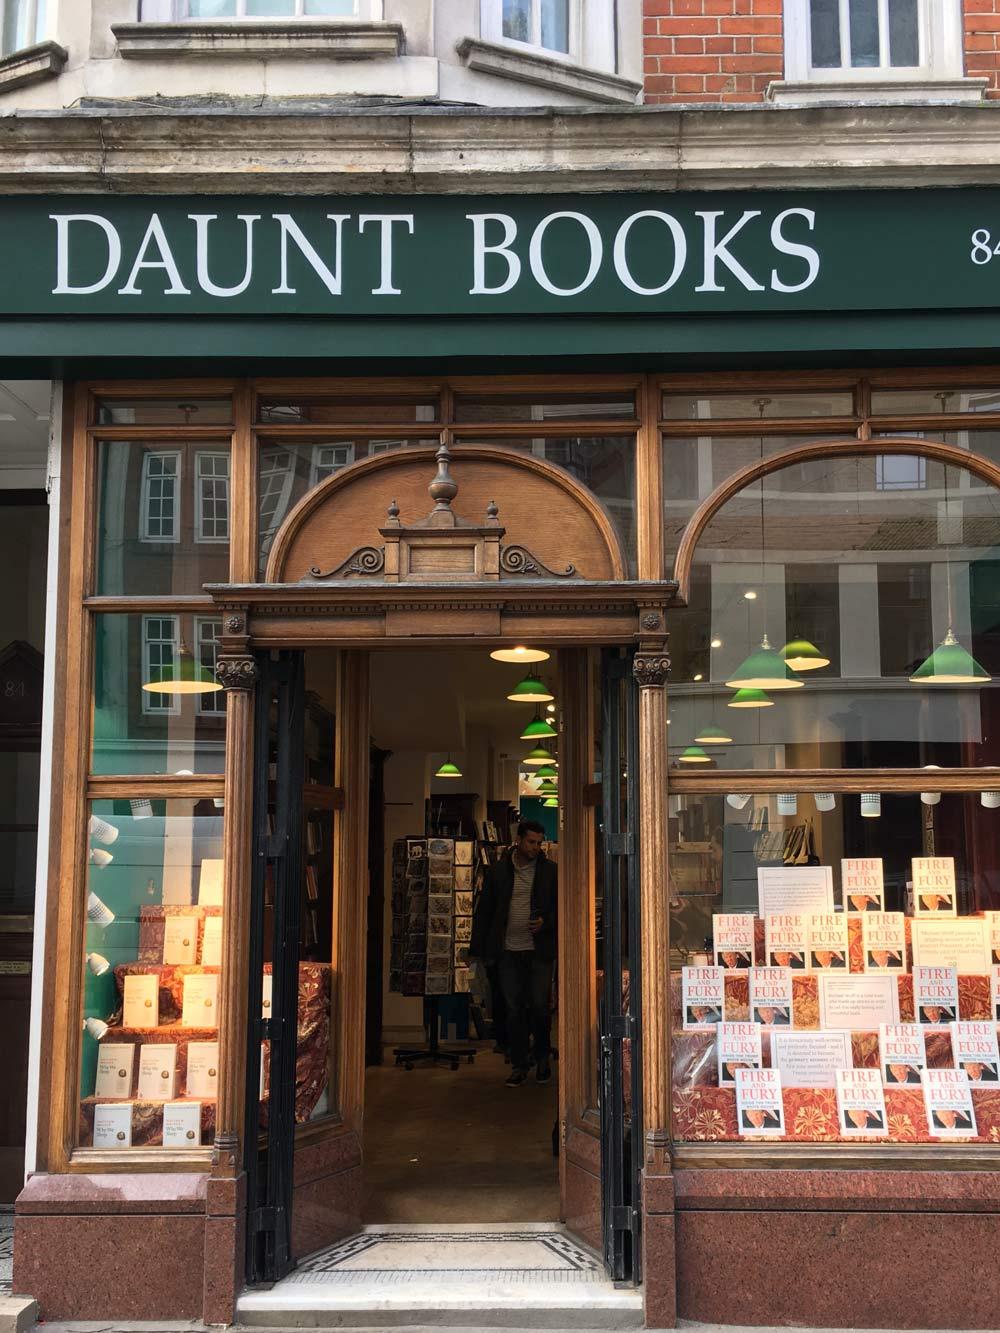 Daunt book store London